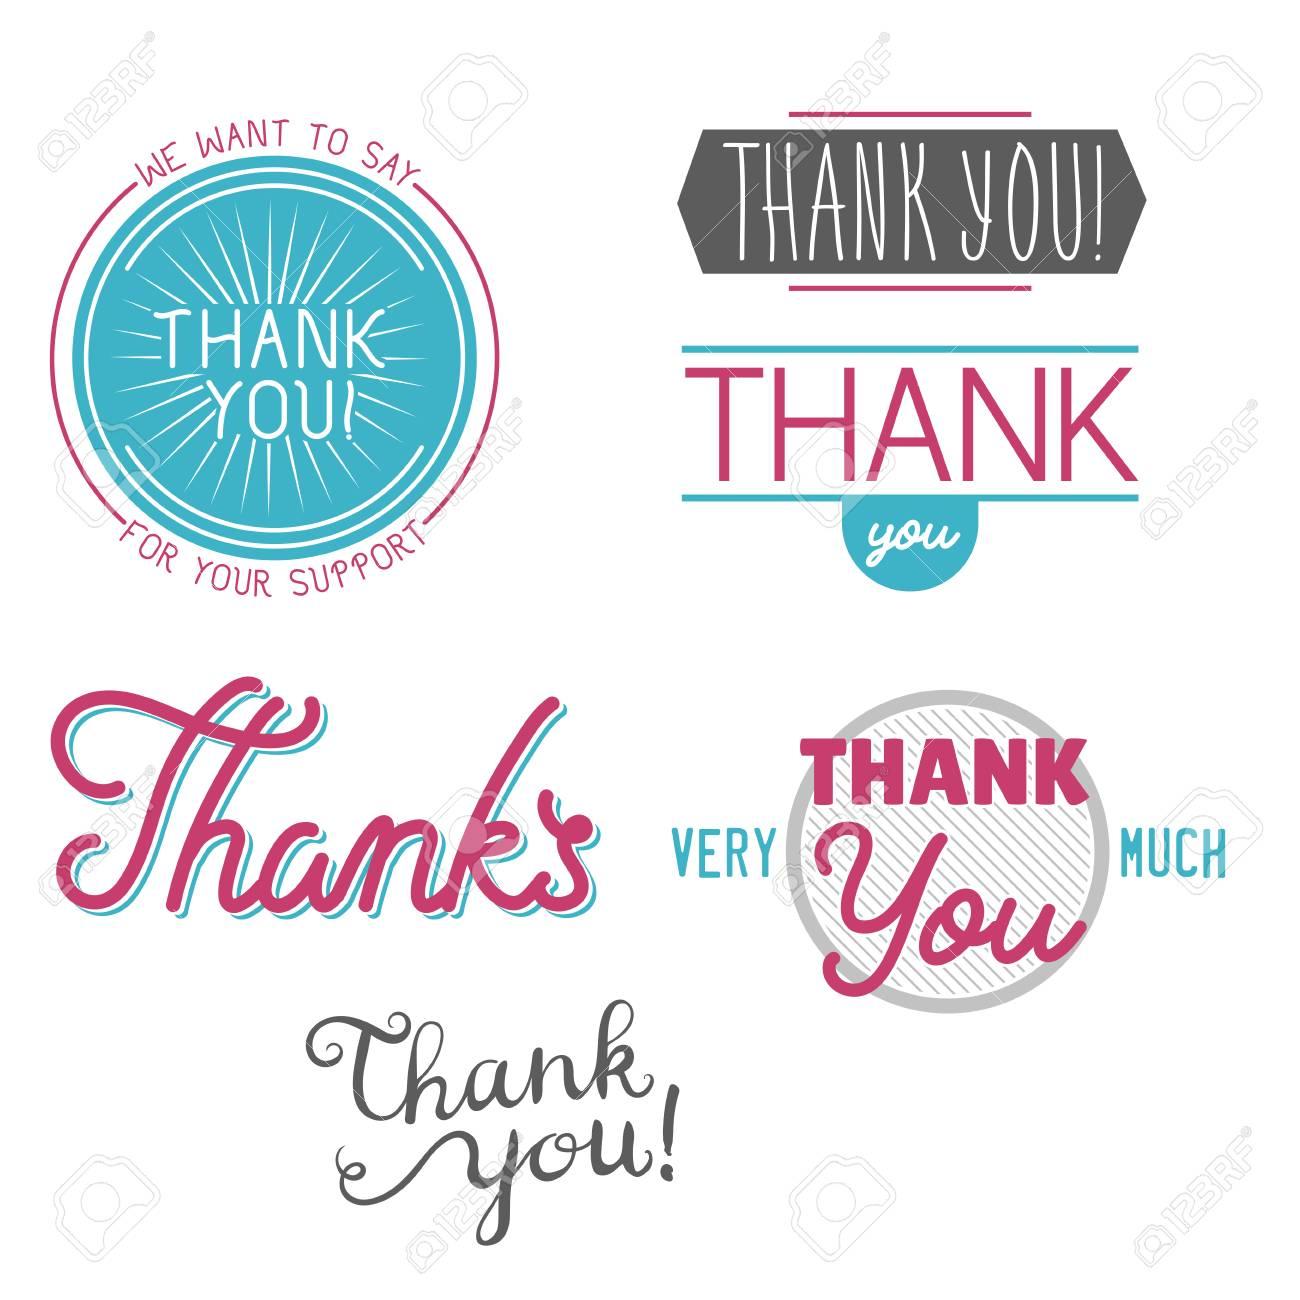 Obrigado Gratidão Sentimento Emoções Texto Cartaz Emblema Vetorial Thanksfull Citação Frases Mensagem